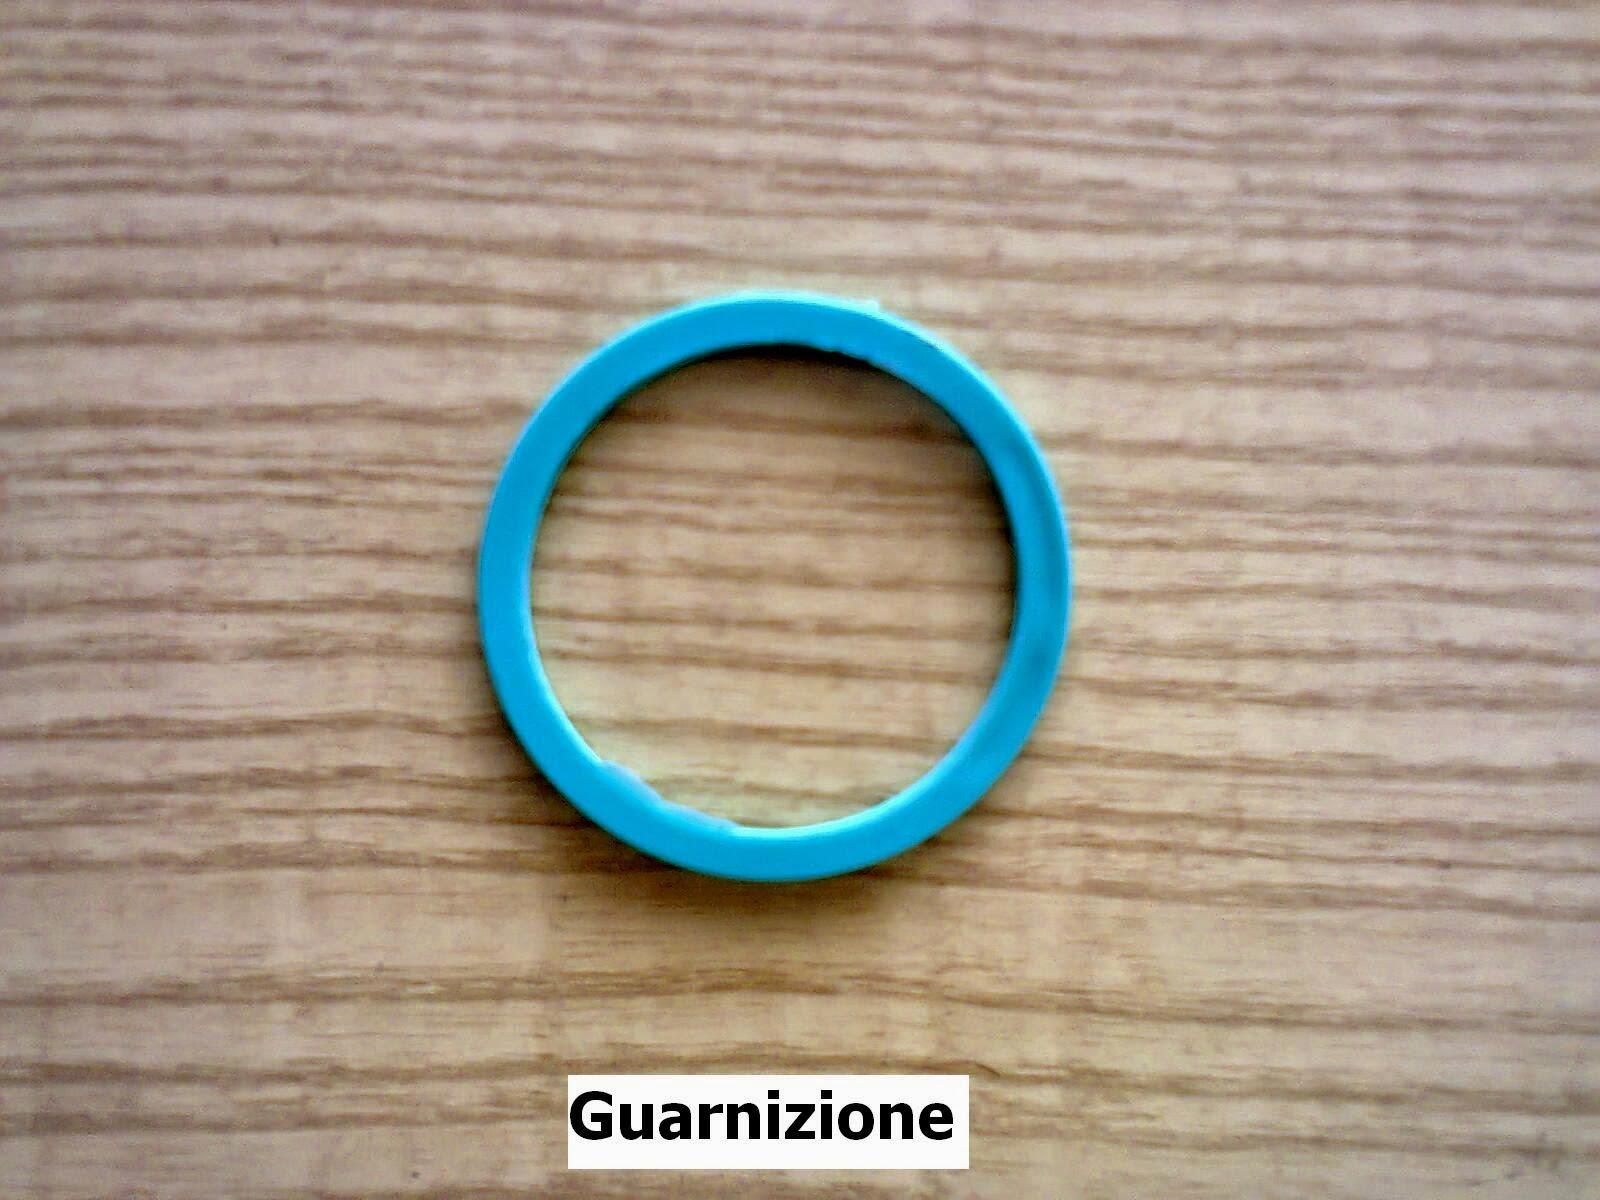 guarnizione-ghiera-tubo-scarico-flessibile